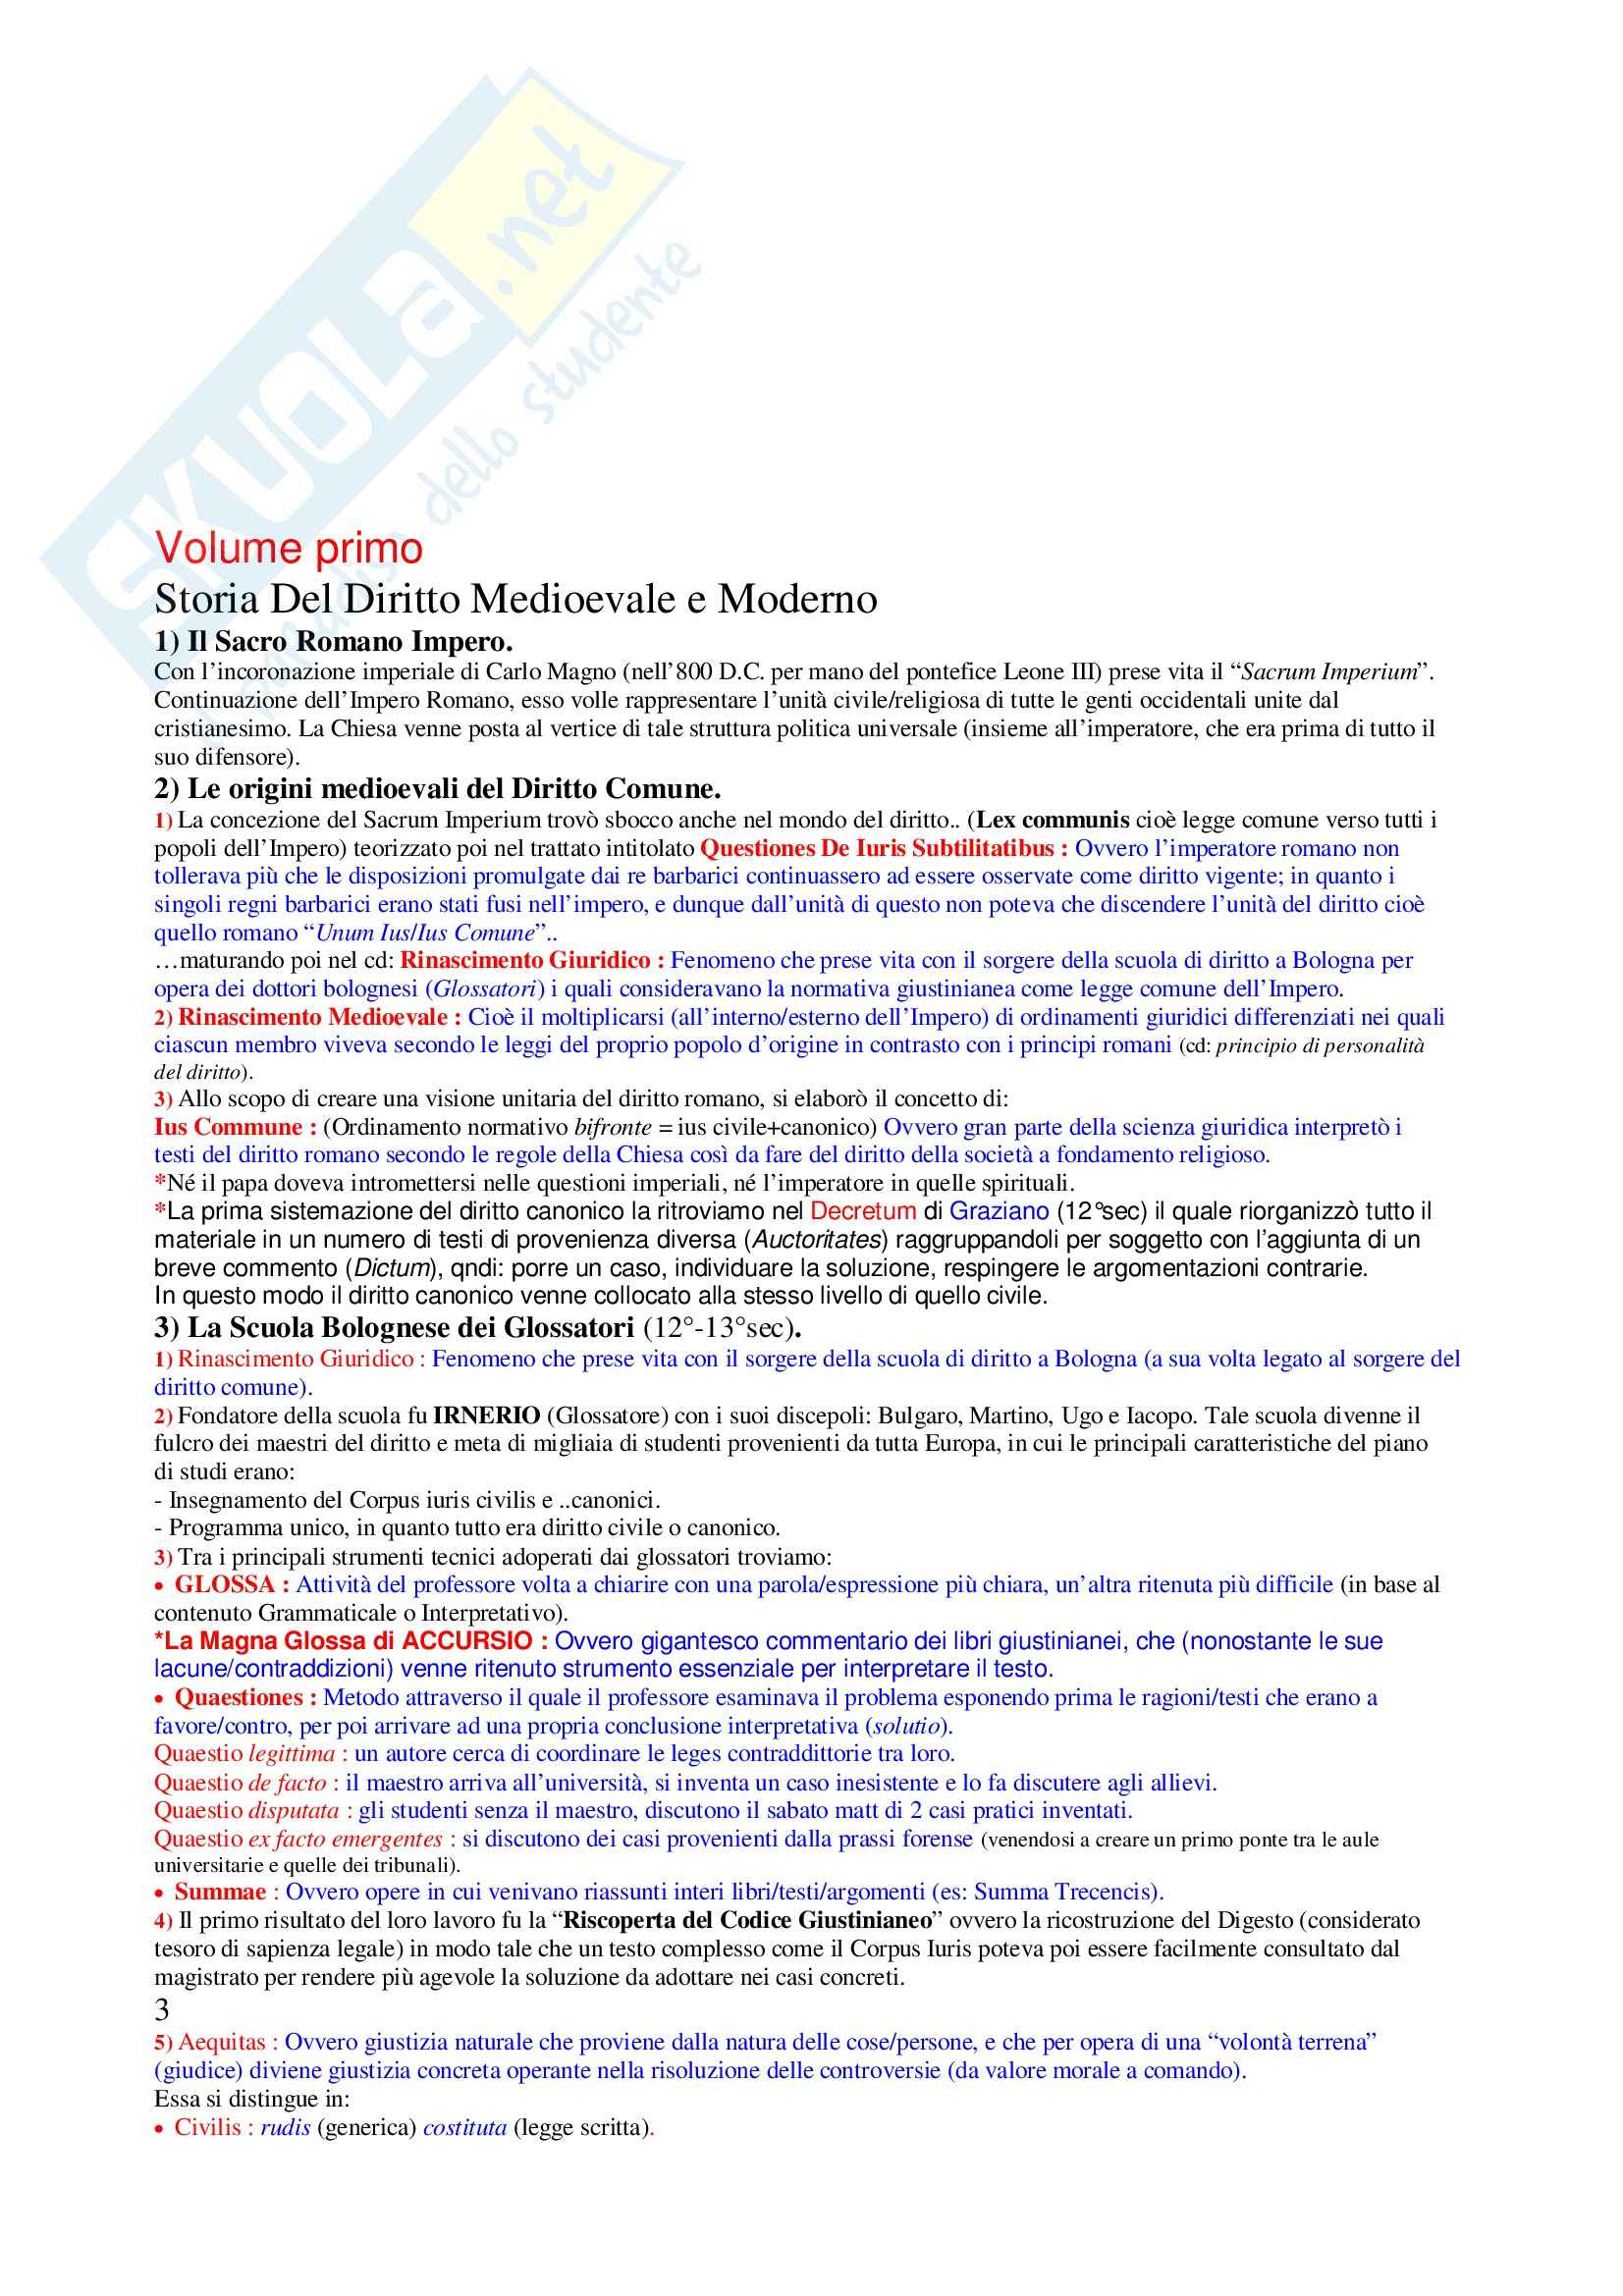 appunto C. Vano Storia del diritto medievale e moderno